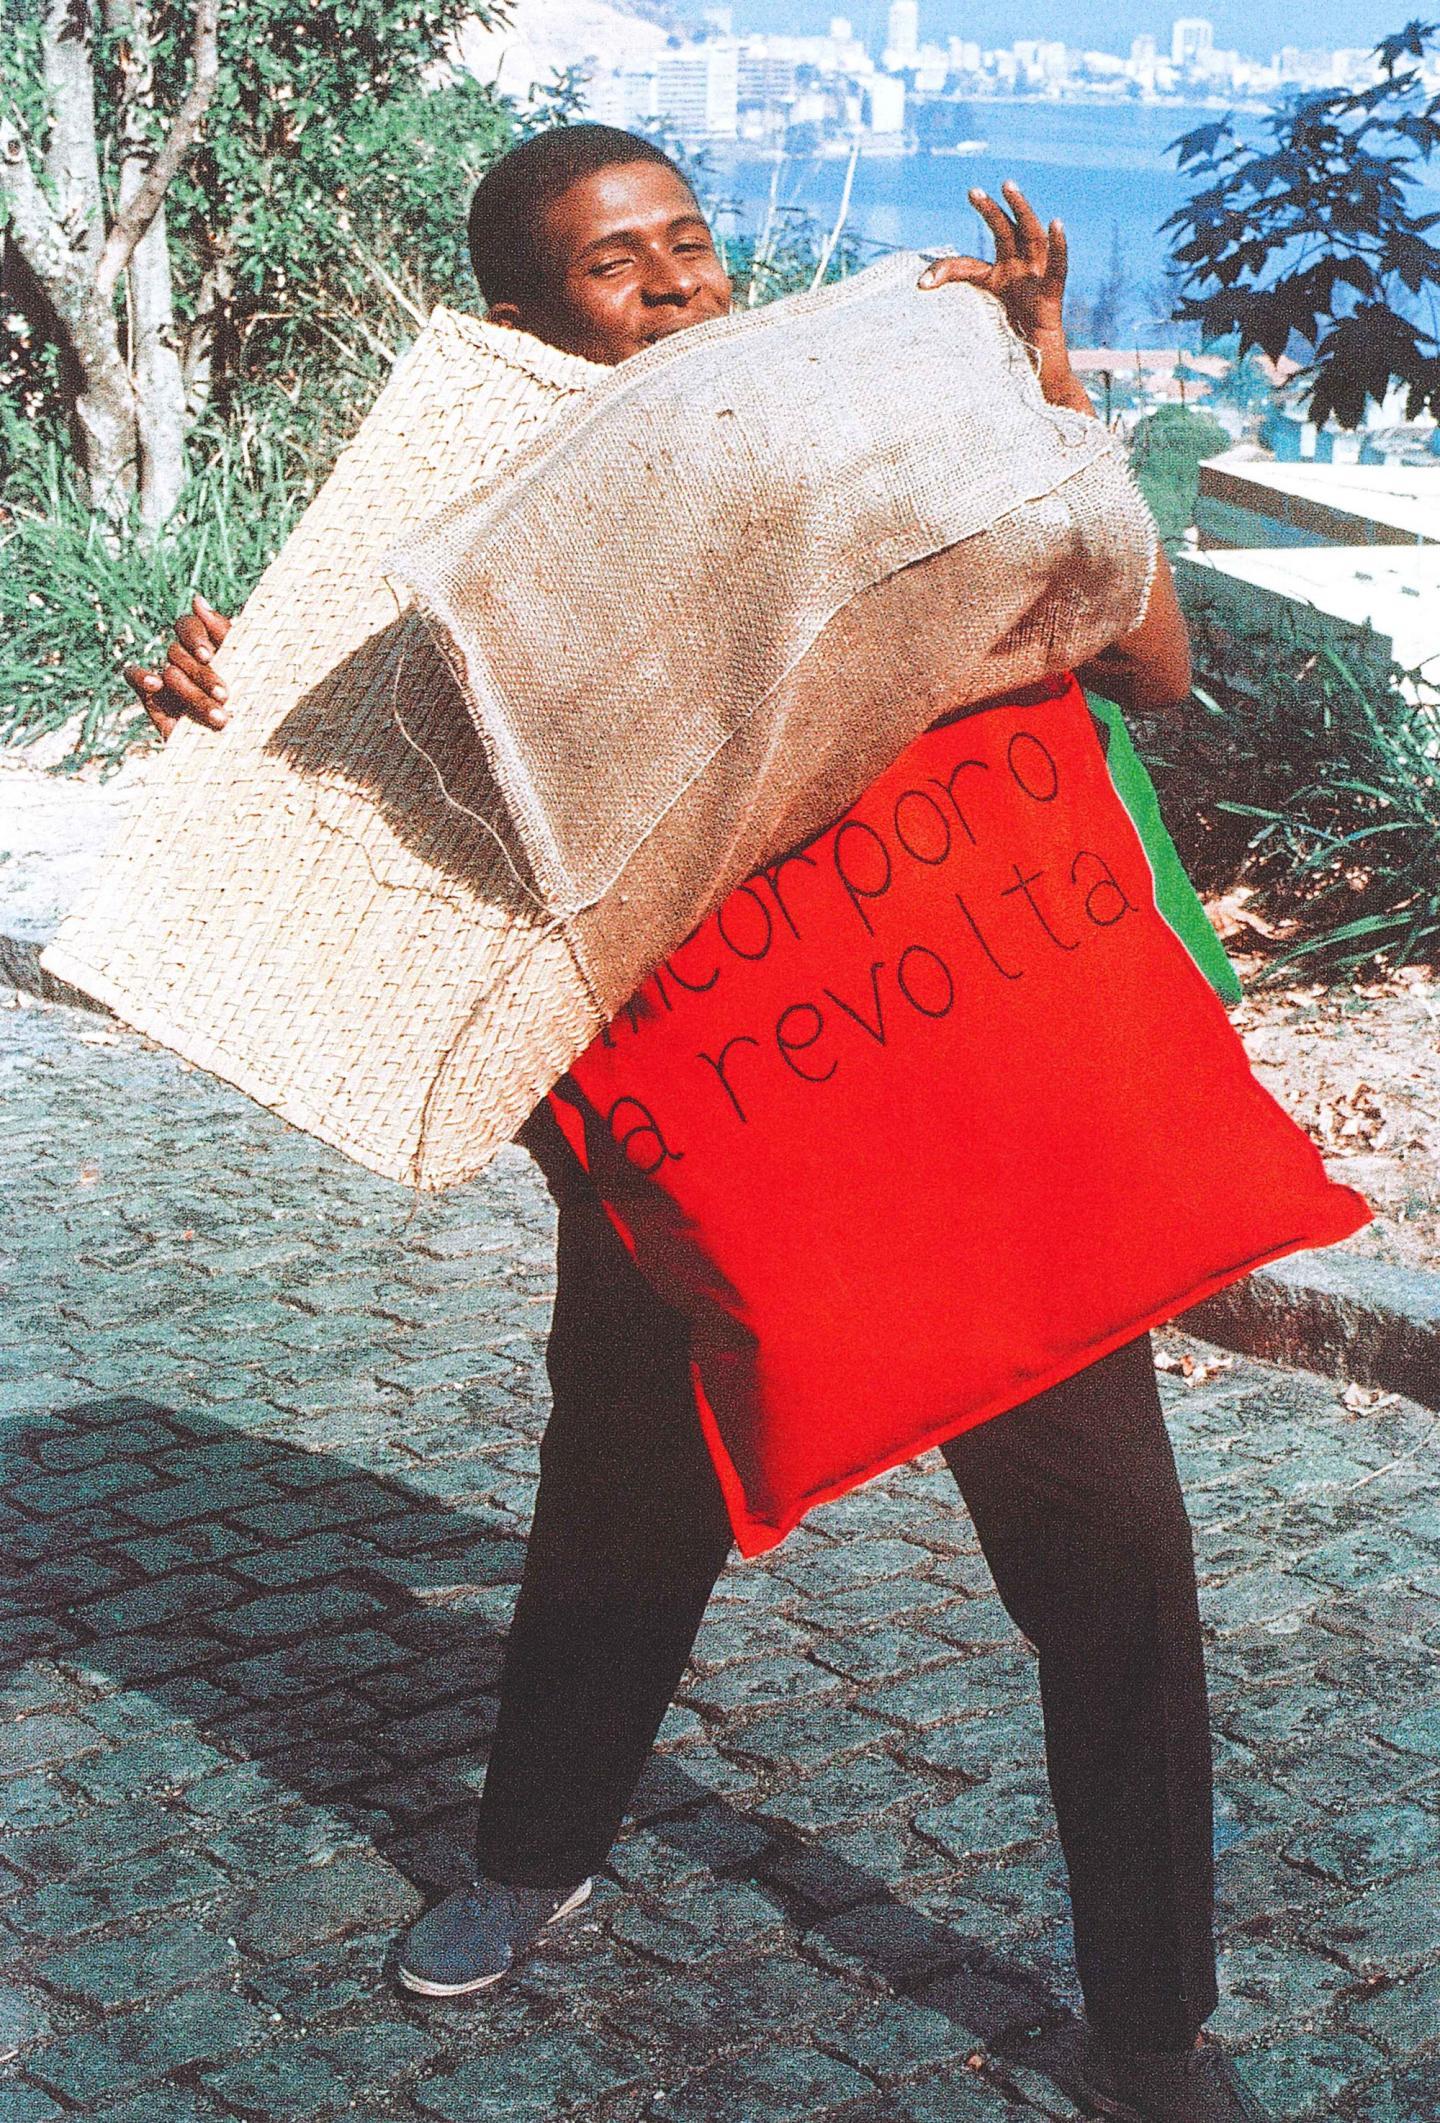 """Nildo da Mangueira vestindo P 15 Parangolé capa 11 """"Incorporo a revolta"""" (1967), circa 1968 Foto: Claudio Oiticica"""